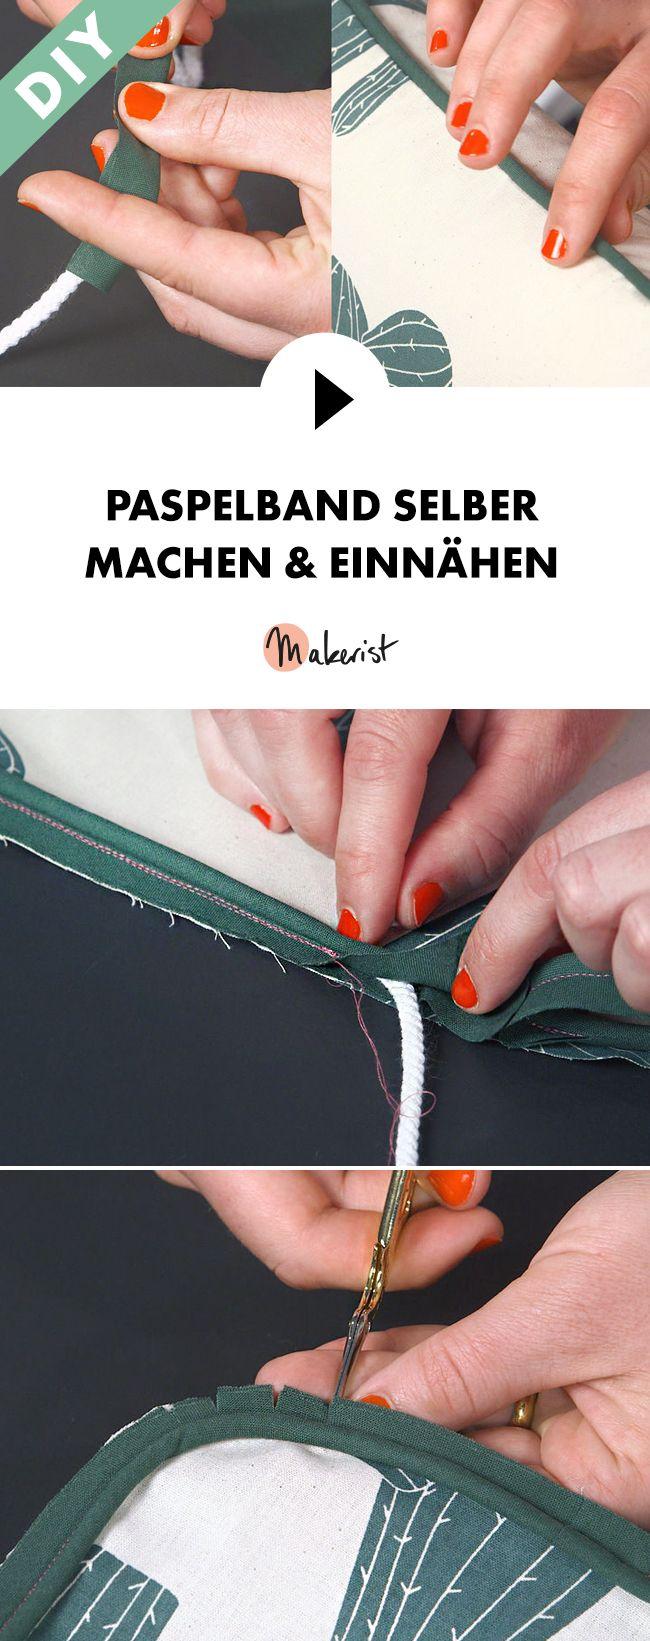 Paspelband selber machen und einnähen - Schritt für Schritt erklärt im Video-Kurs via Makerist.de